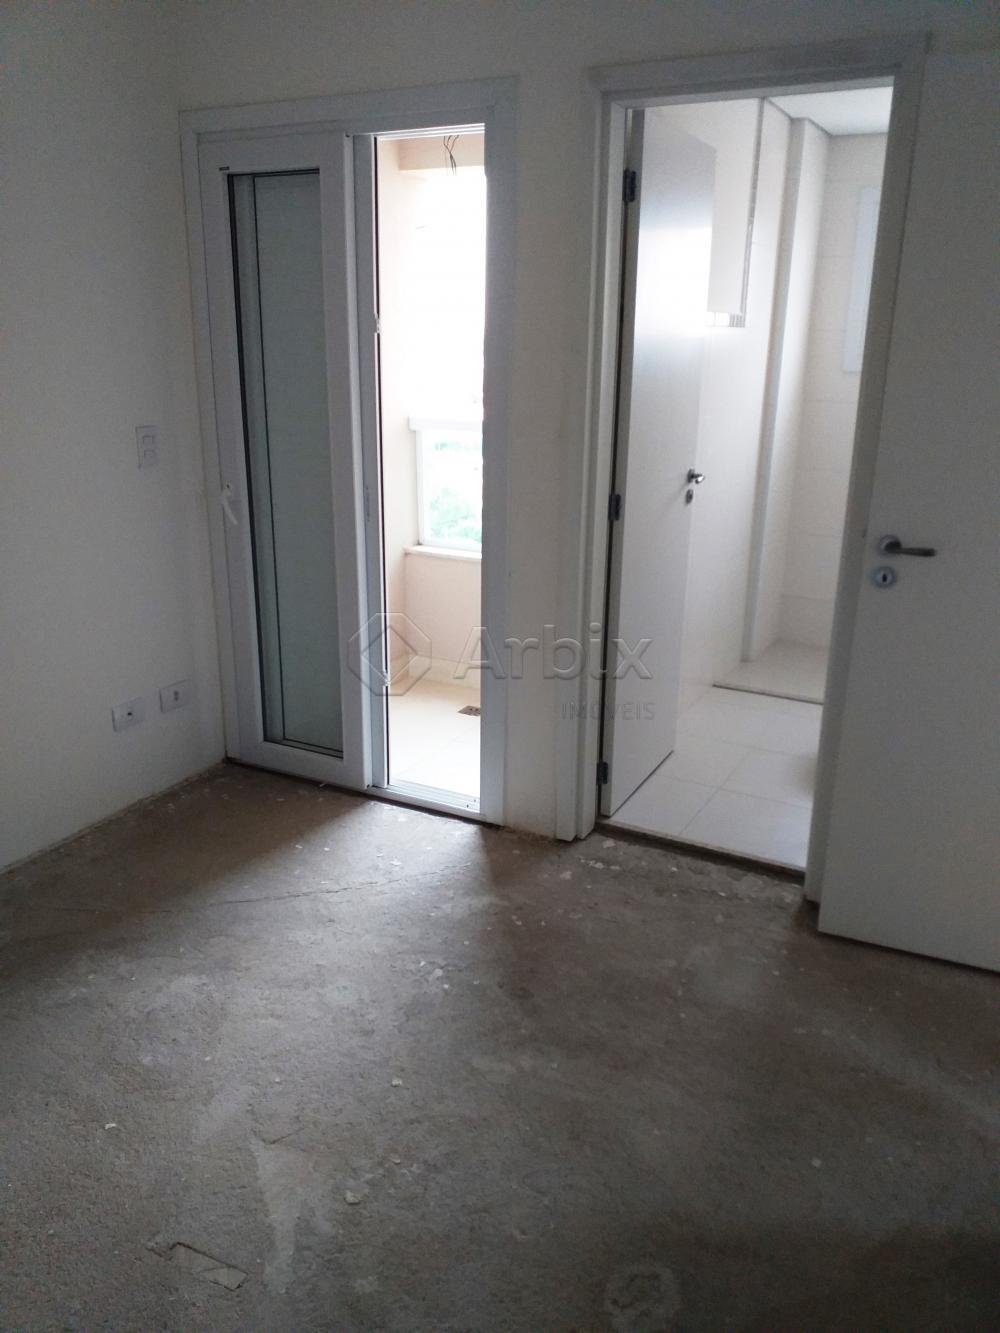 Comprar Apartamento / Padrão em Americana apenas R$ 647.000,00 - Foto 37